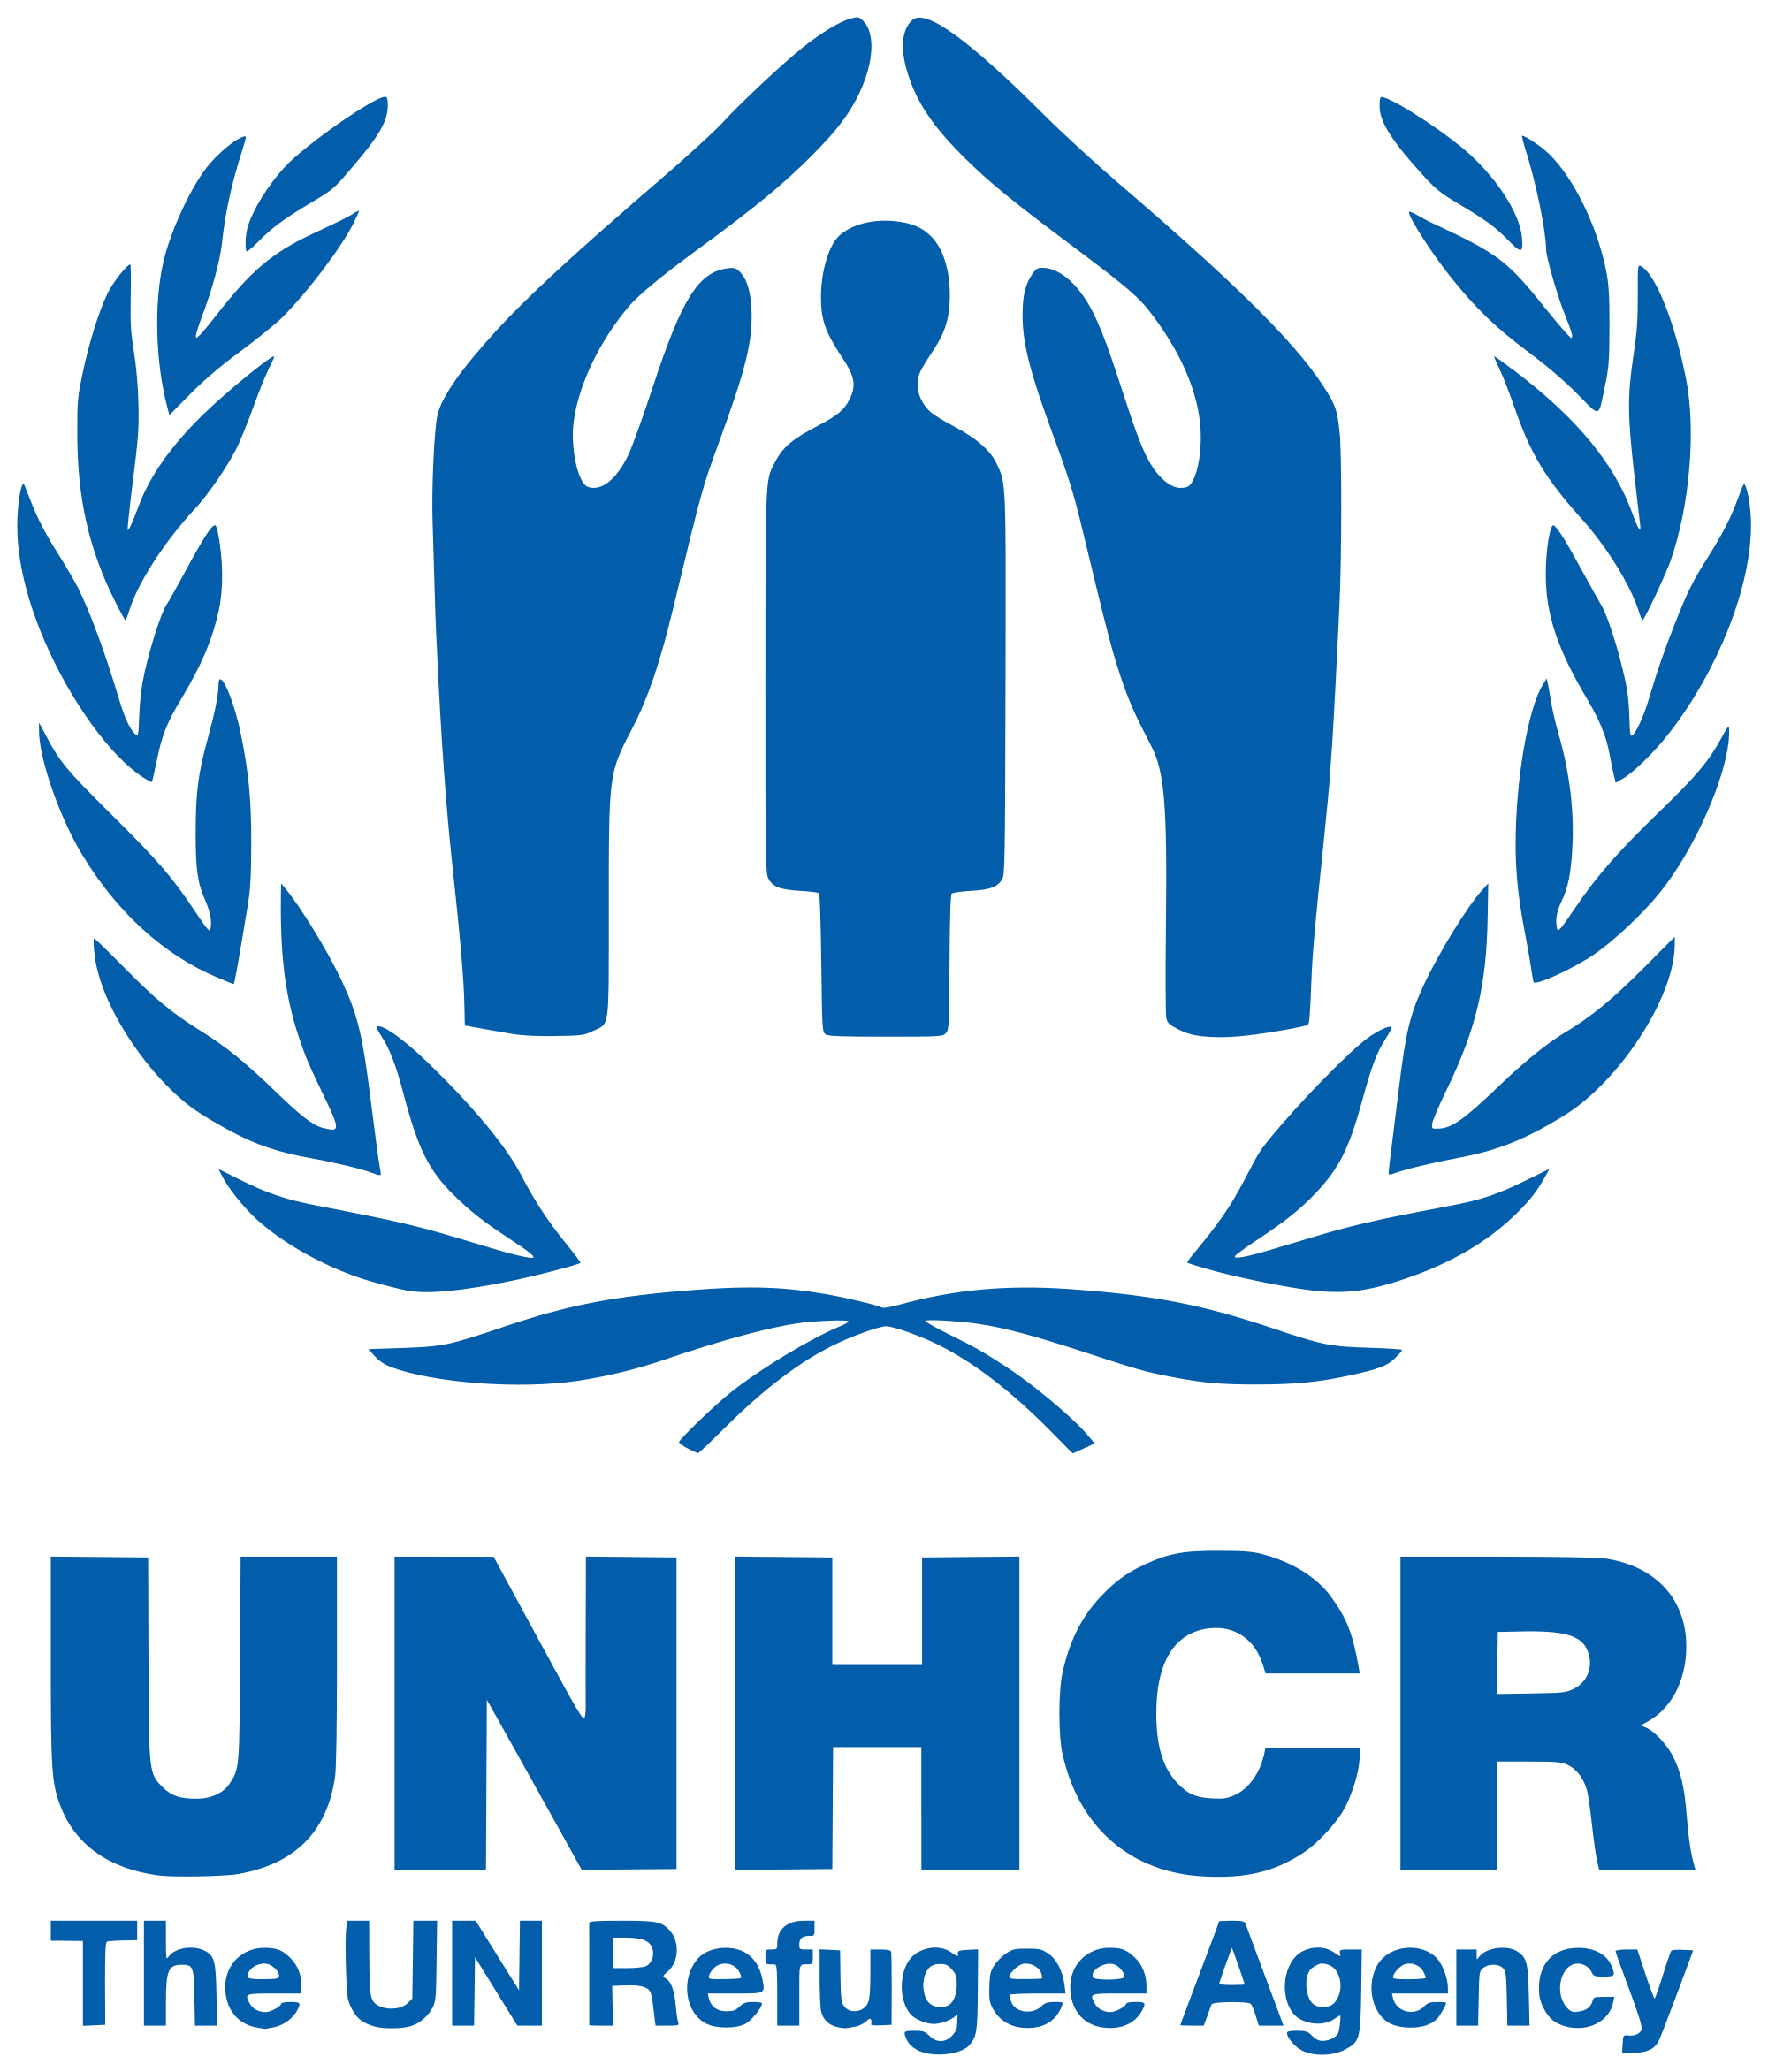 สำนักงานข้าหลวงใหญ่ผู้ลี้ภัยแห่งสหประชาชาติ (UNHCR)